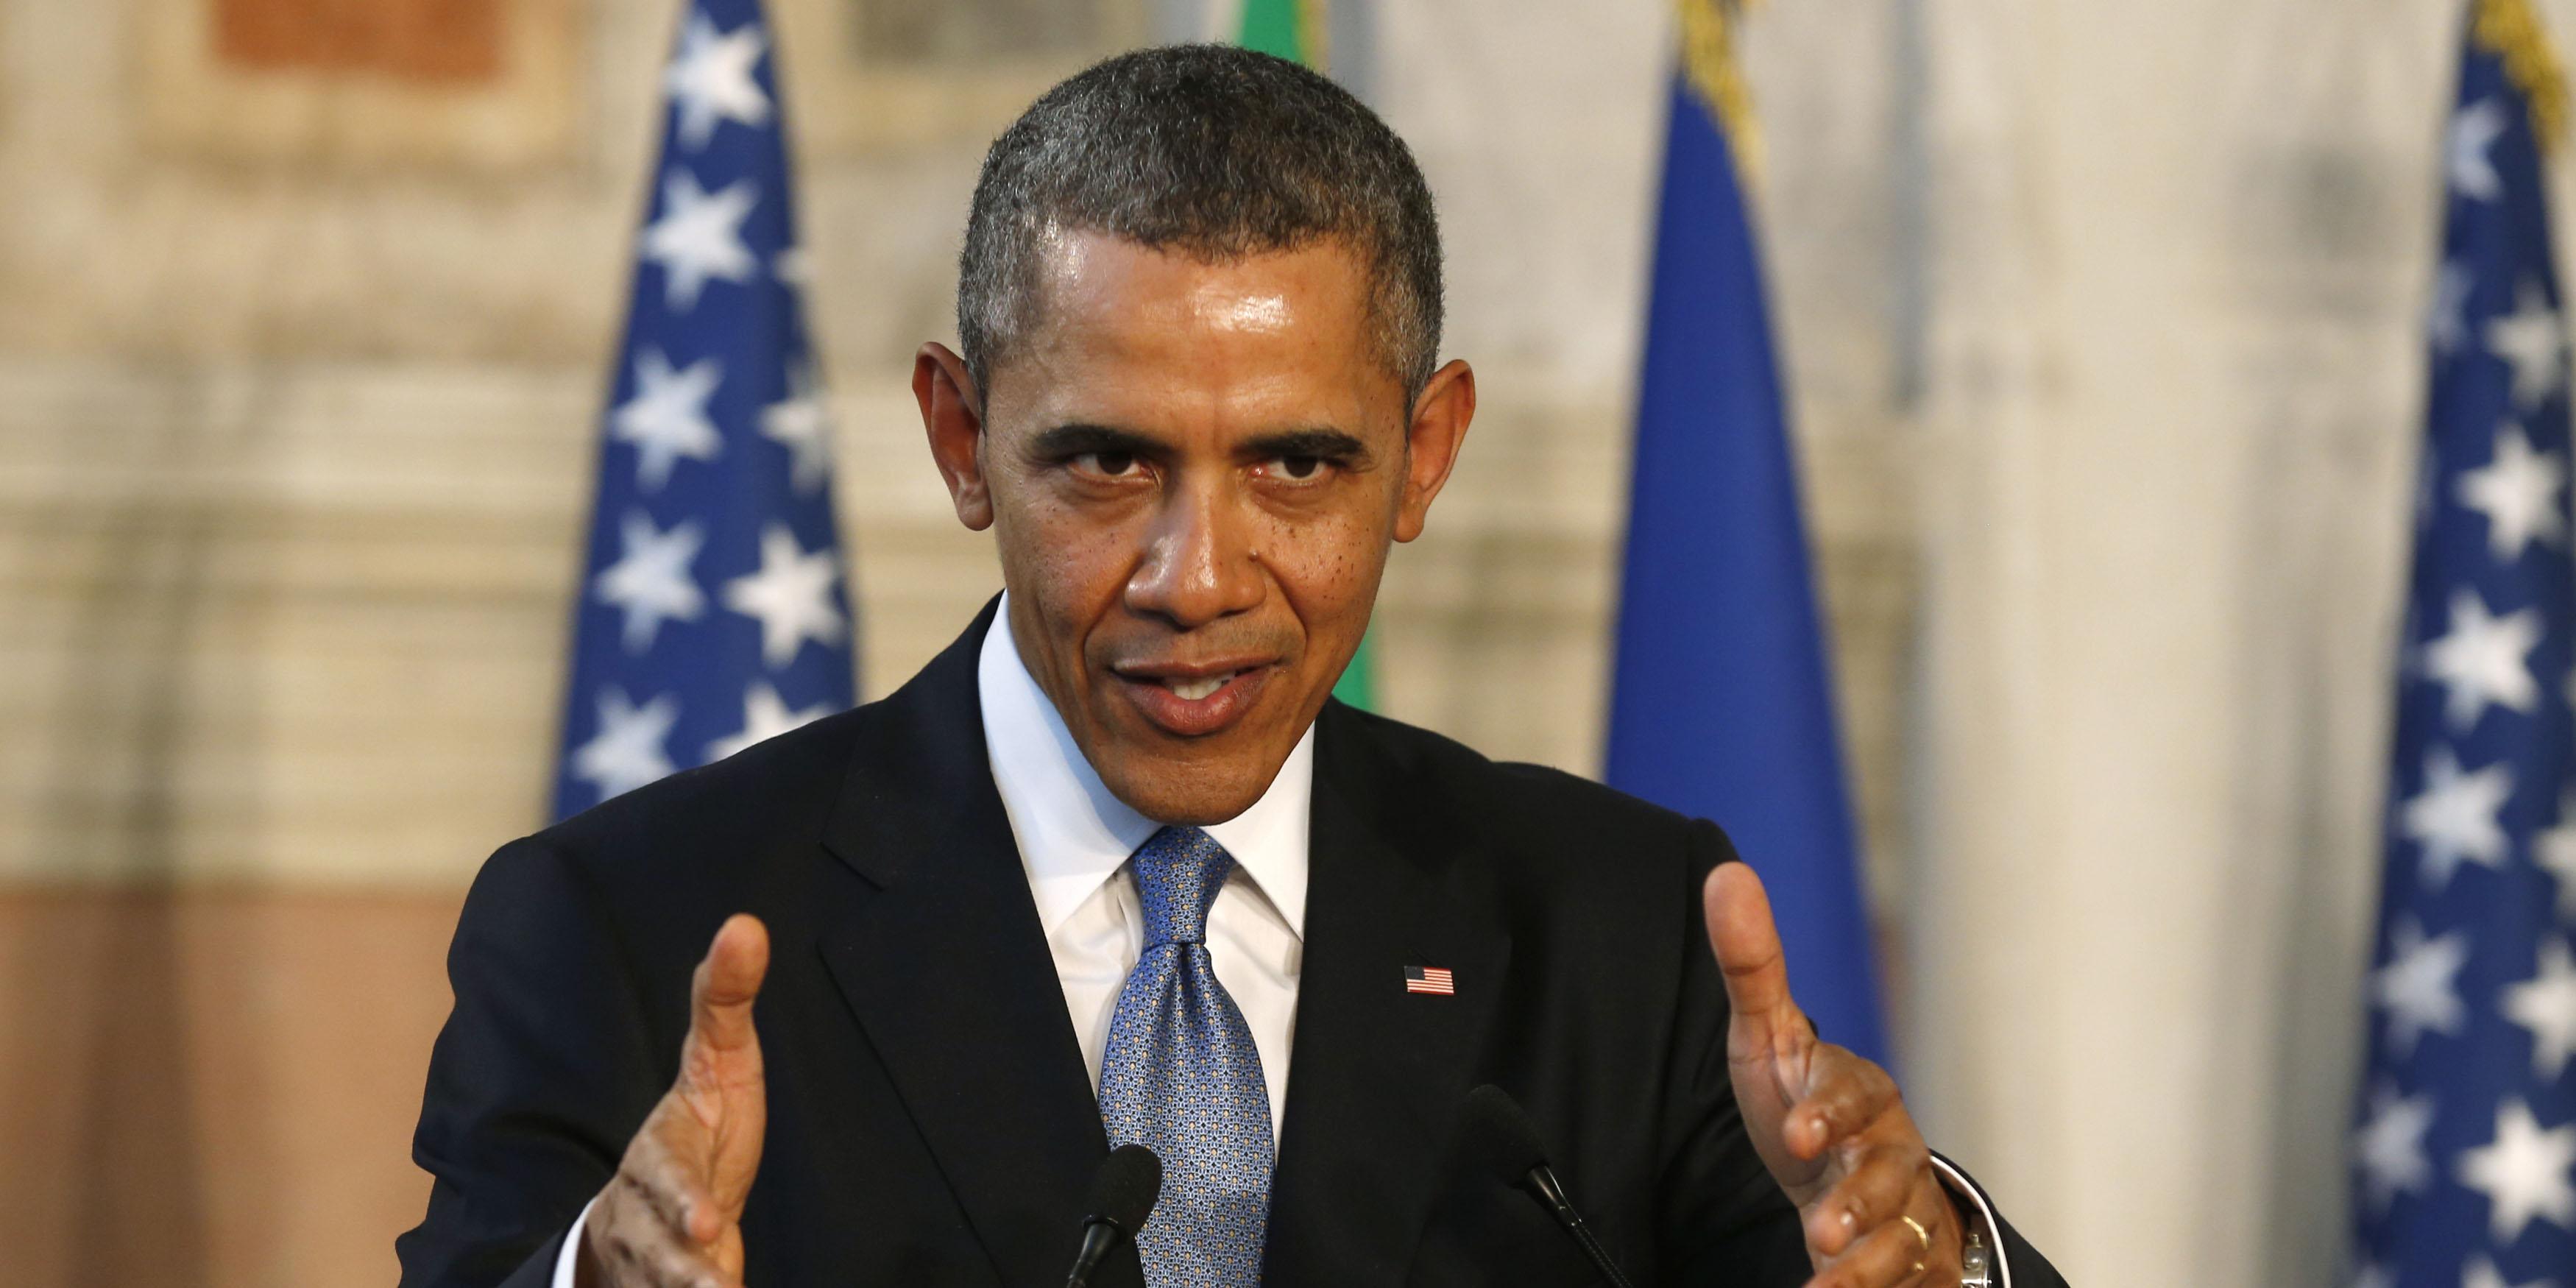 اوباما تحریمهای ایران را برای یک سال دیگر تمدید کرد